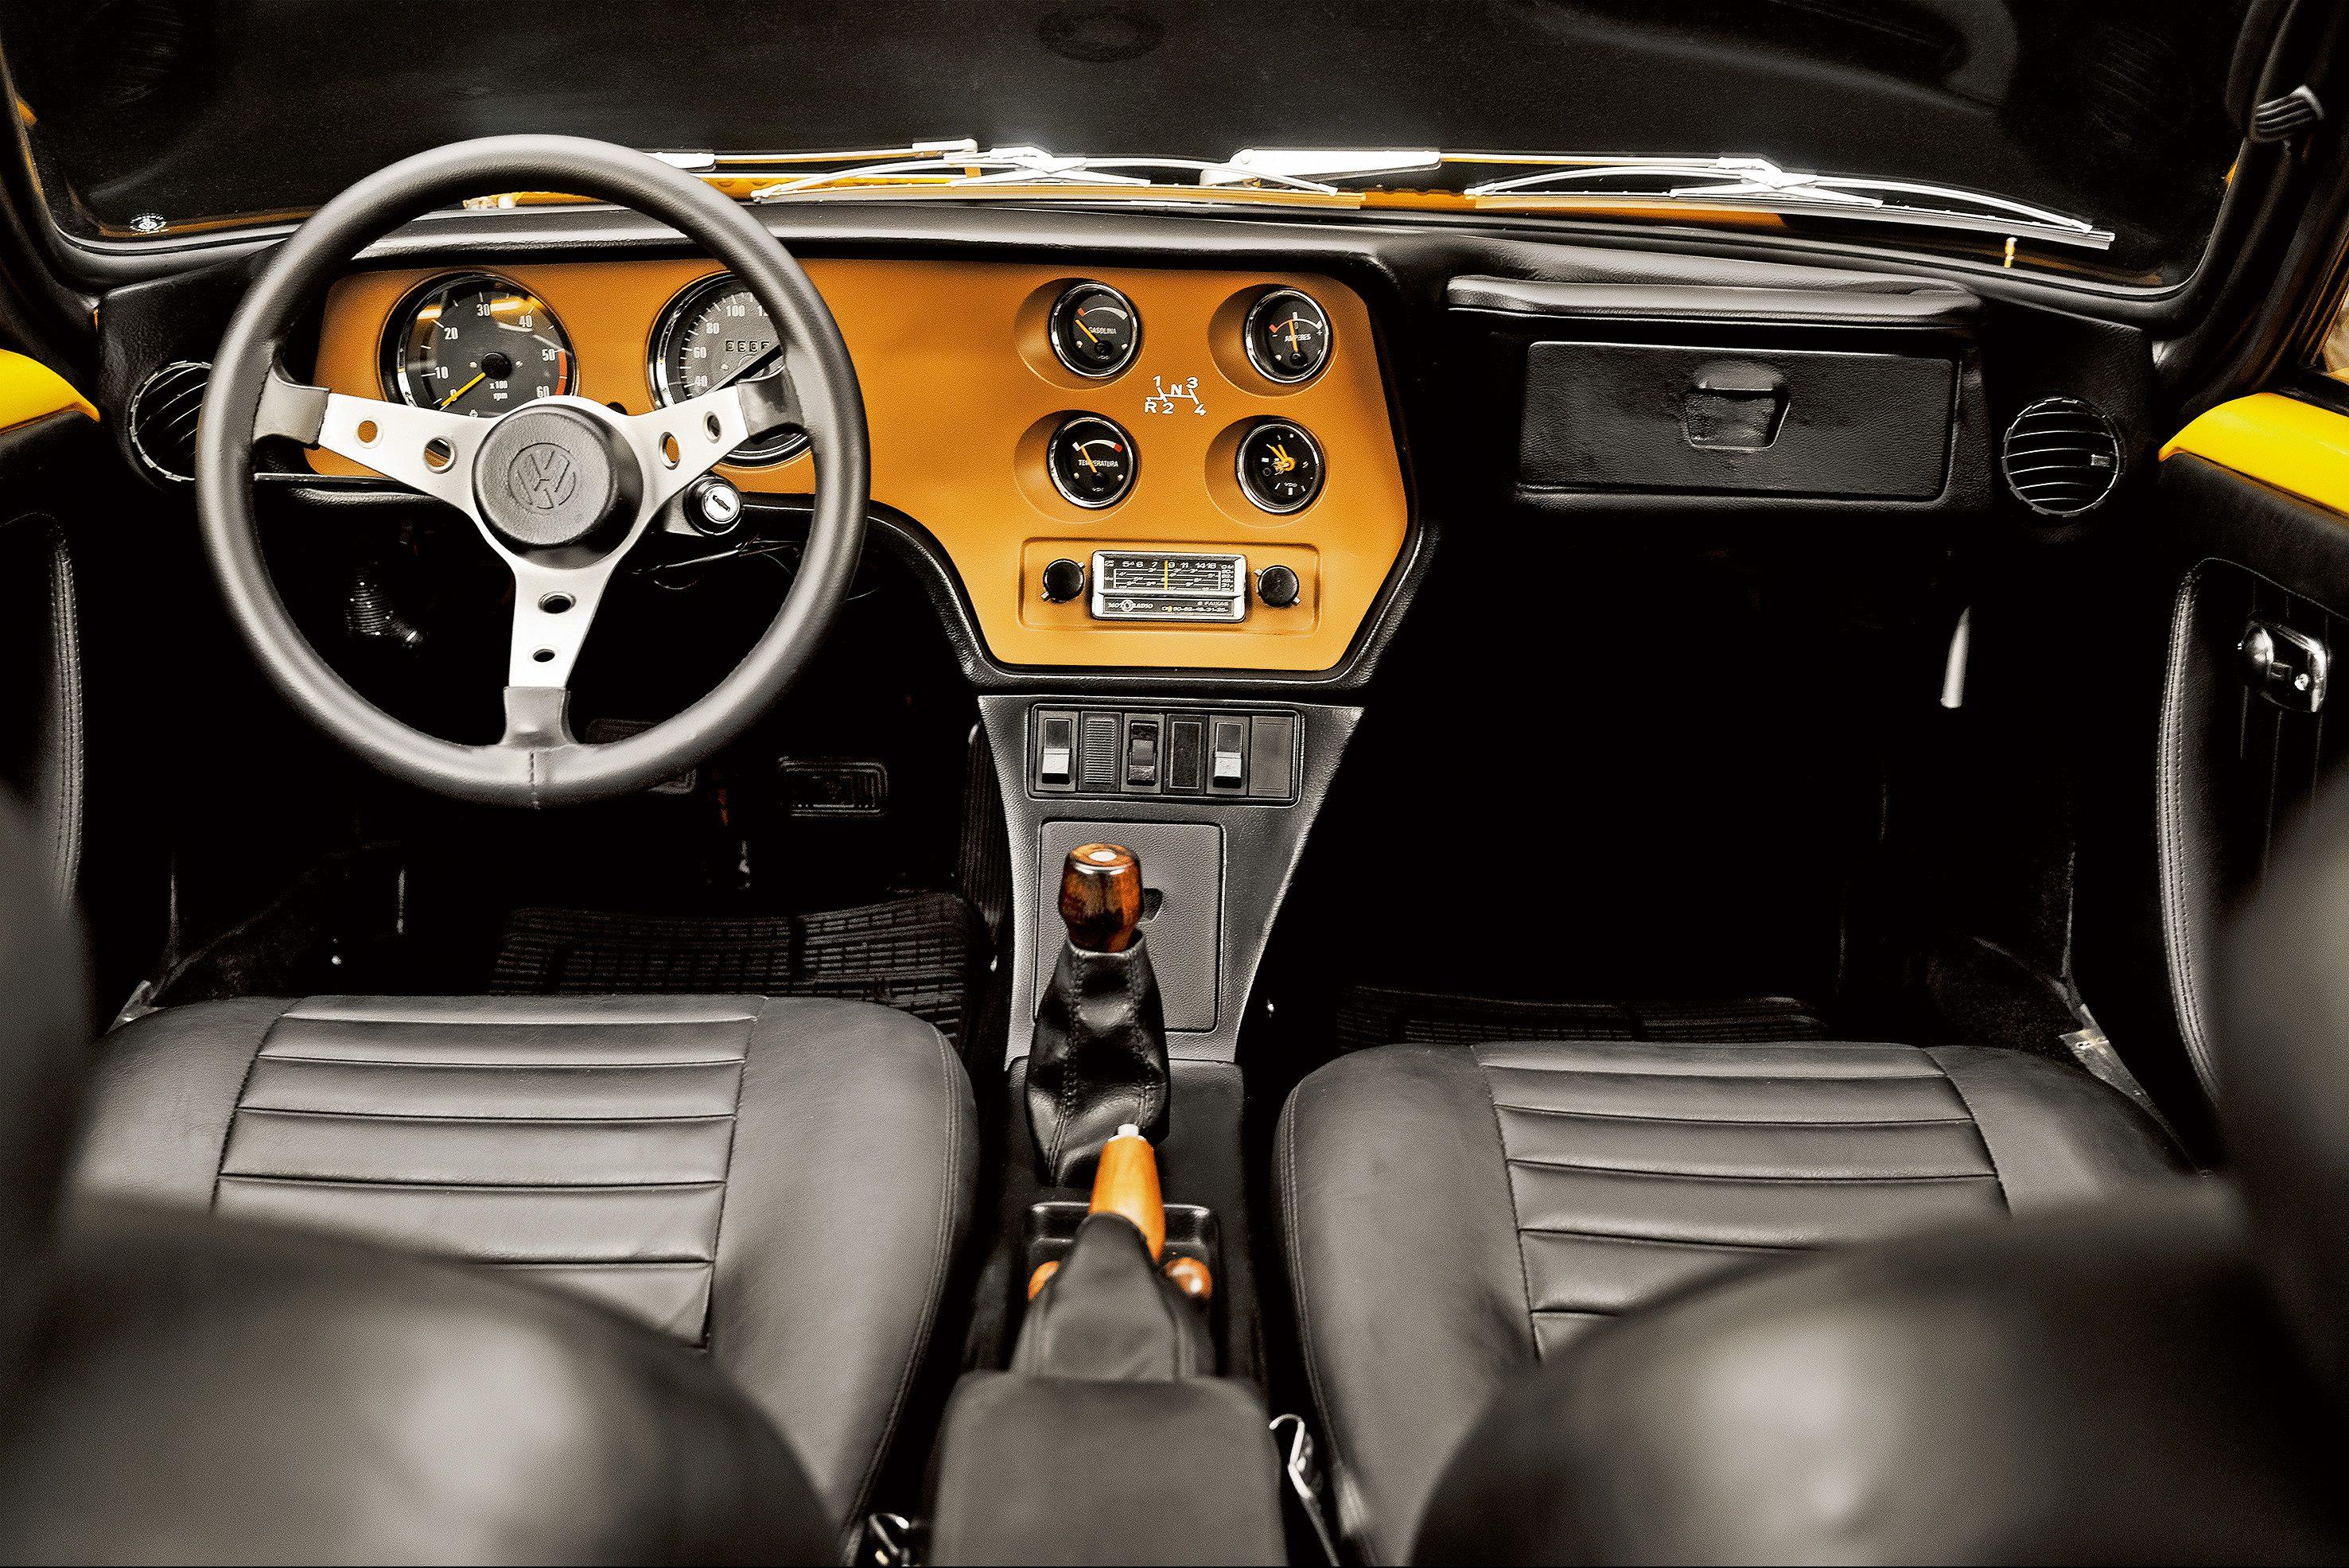 Clássicos: VW SP2, a joia criativa da indústria automobilística brasileira